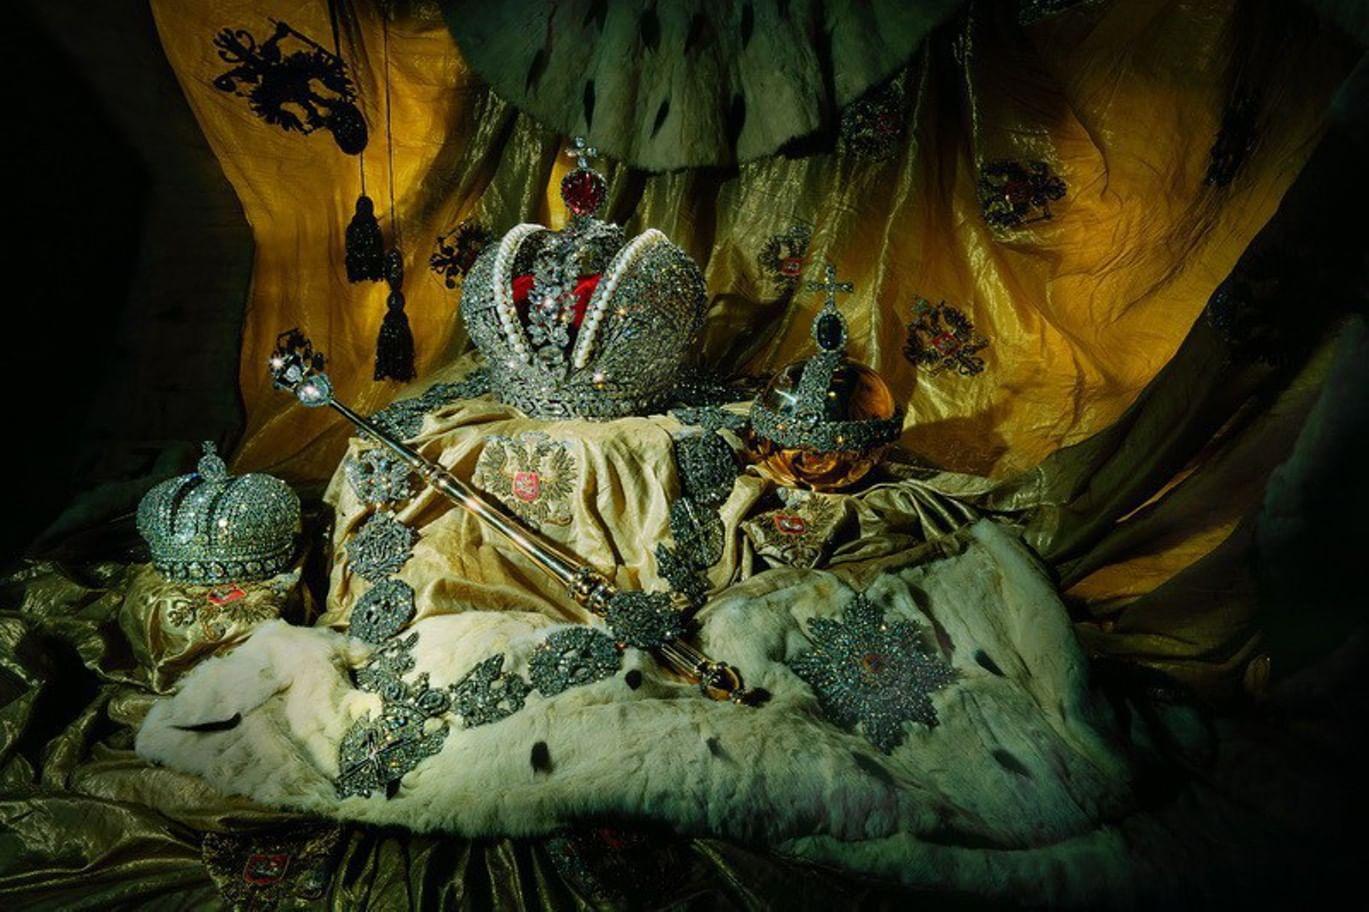 Драгоценности императриц от Рокотова до Кустодиева. Галерея 1. Екатерина Великая